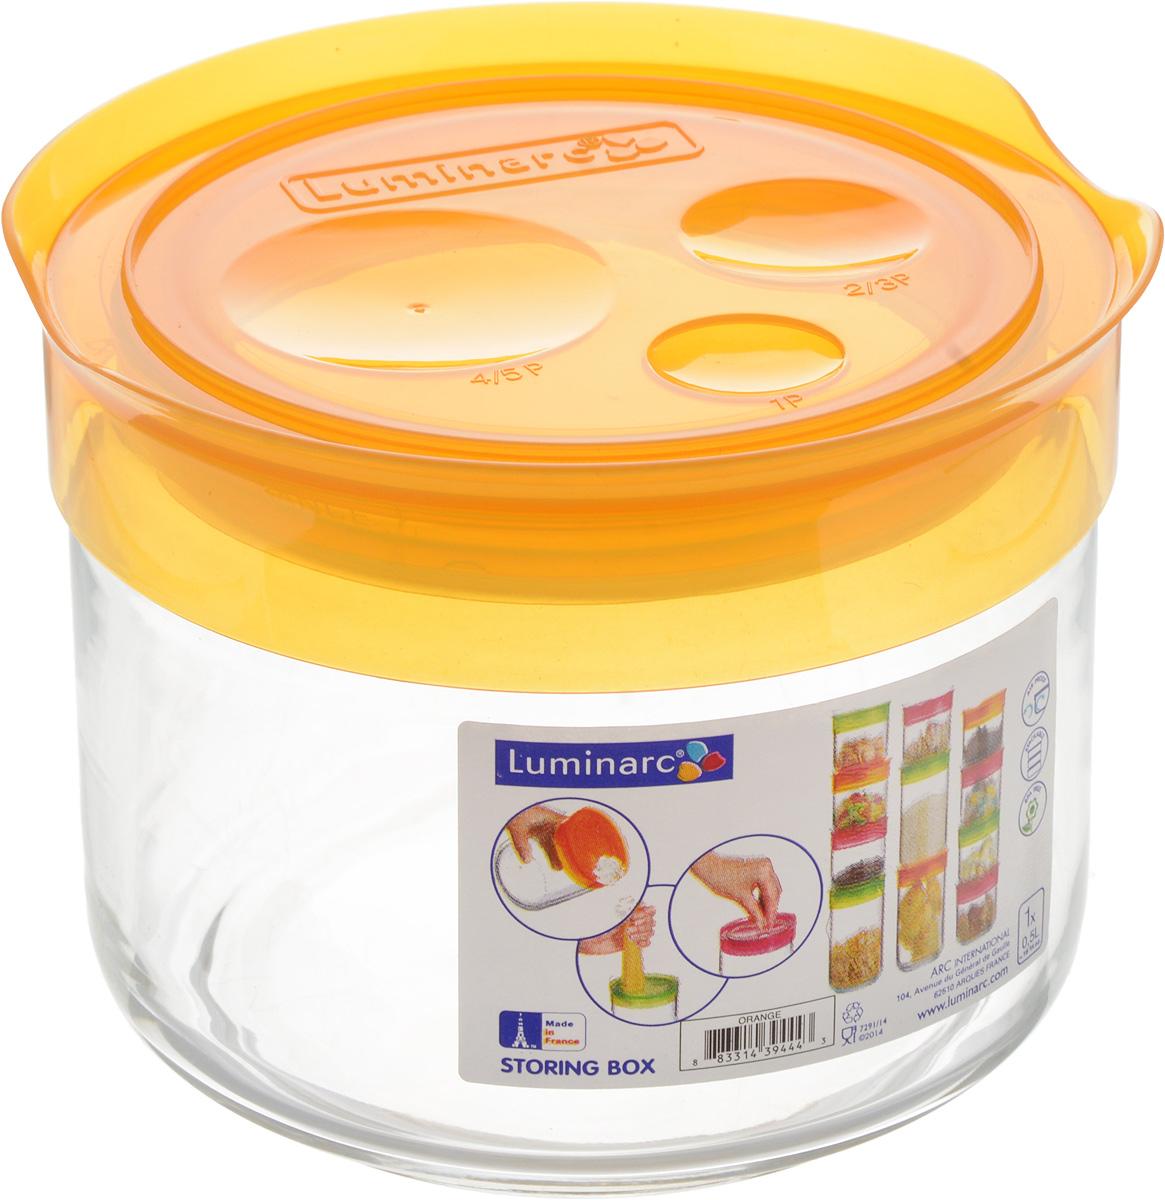 Банка для сыпучих продуктов Luminarc Storing Box, с крышкой, цвет: оранжевый, 500 млJ2034Банка Luminarc Storing Box, выполненная из упрочненного стекла, станет незаменимым помощником на кухне. В ней будет удобно хранить разнообразные сыпучие продукты, такие как кофе, сахар, соль или специи. Прозрачная банка позволит следить, что и в каком количестве находится внутри. Банка надежно закрывается пластиковой крышкой, которая снабжена резиновым уплотнителем для лучшей фиксации. Такая банка не только сэкономит место на вашей кухне, но и украсит интерьер. Объем: 500 мл. Диаметр банки (по верхнему краю): 9 см. Высота банки (без учета крышки): 8 см.